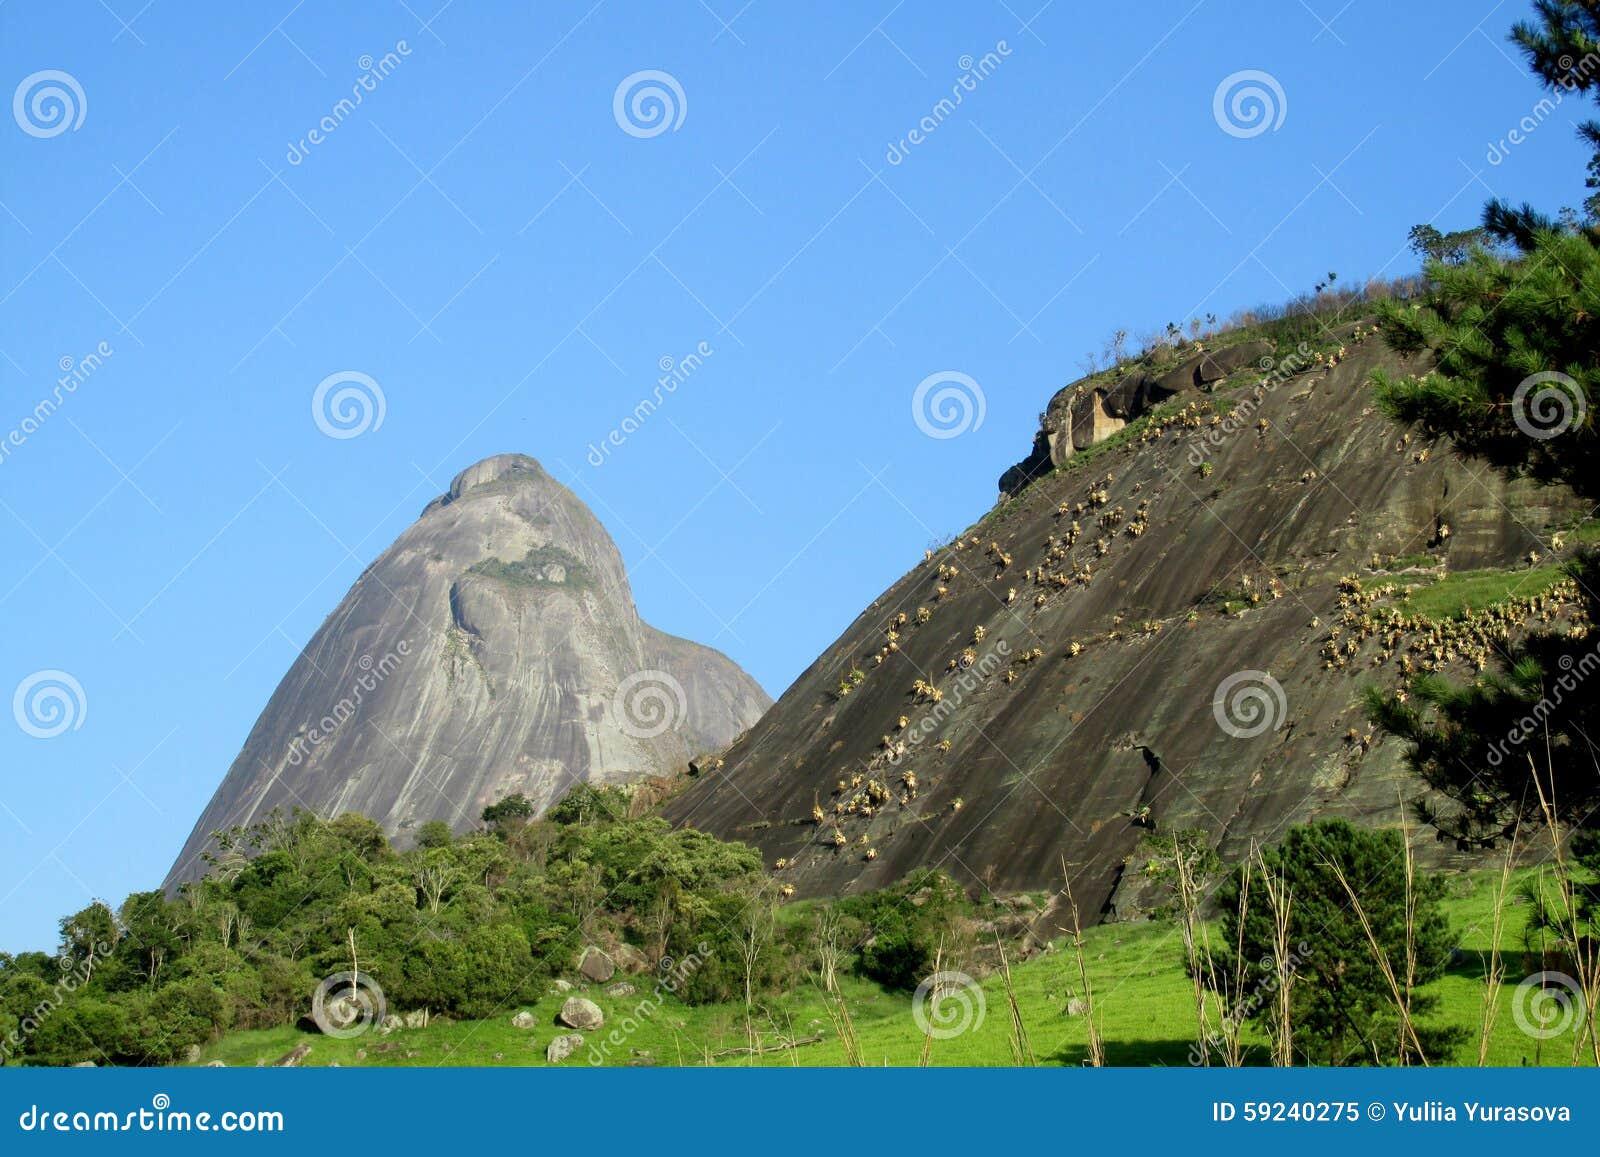 Download Roca lisa hermosa imagen de archivo. Imagen de américa - 59240275